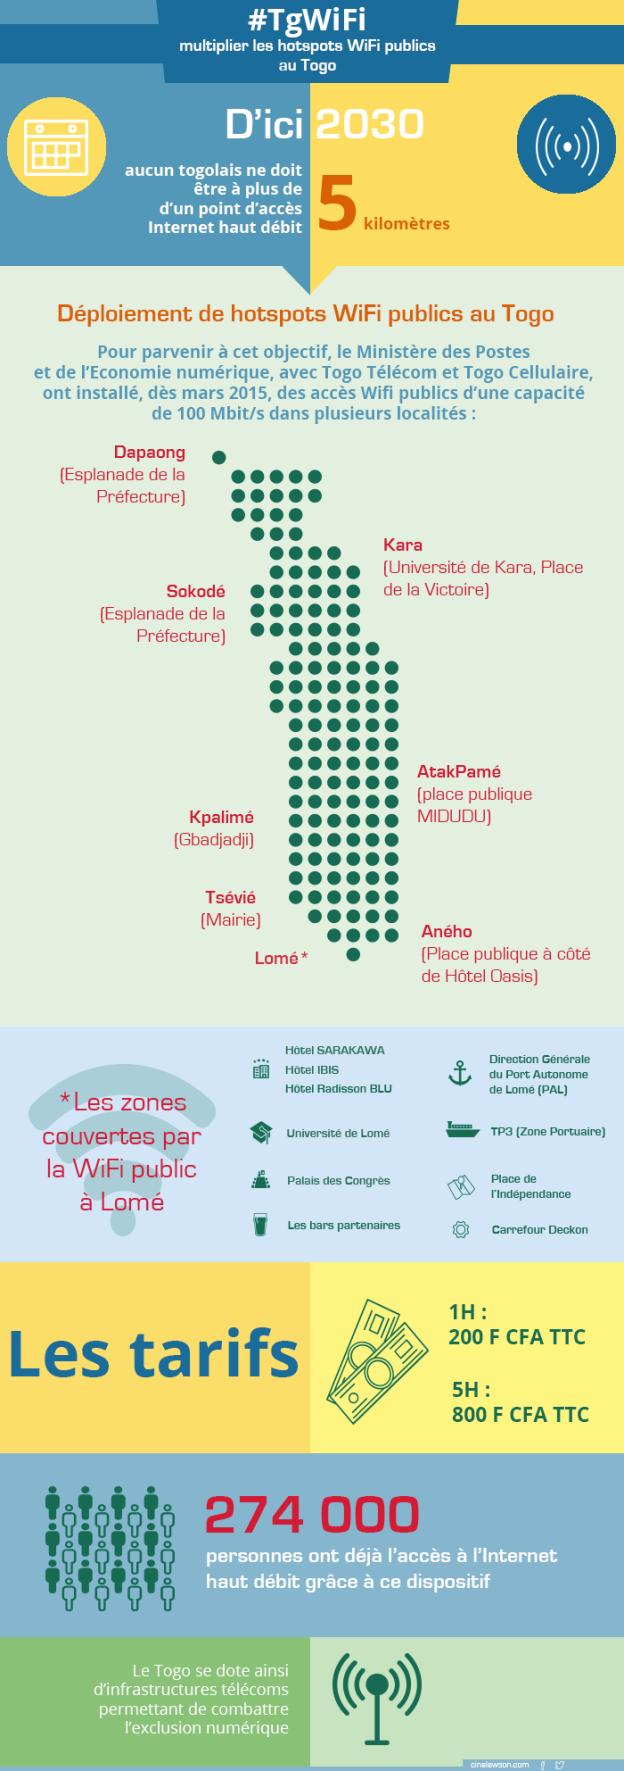 InfographieHotspot4.png